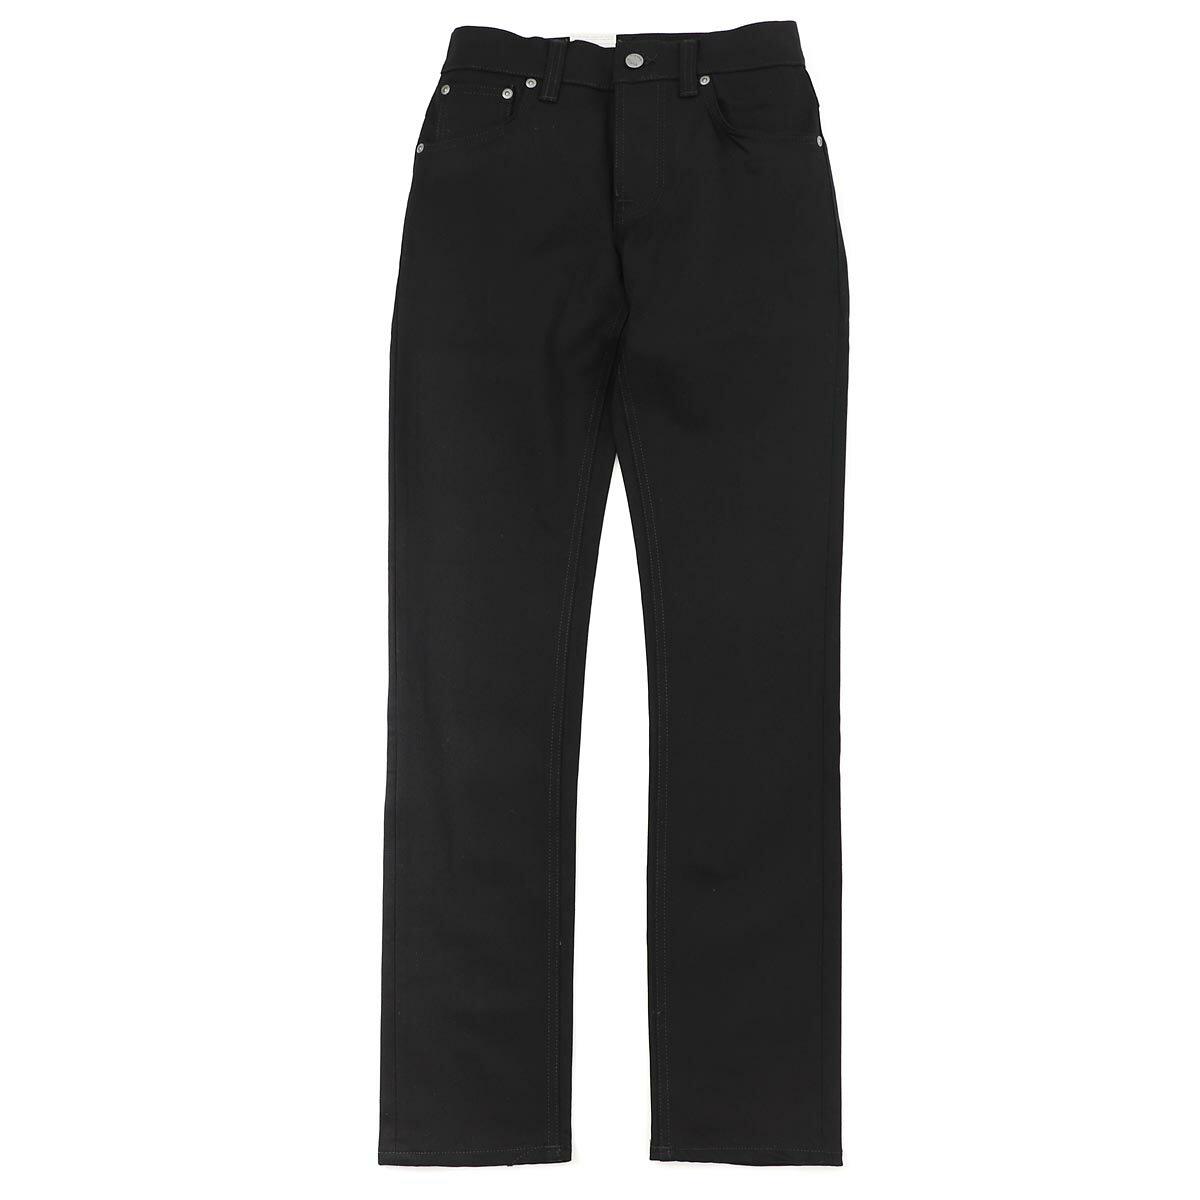 ヌーディージーンズ nudie jeans co ボタンフライジーンズ ブラック メンズ コットン grim tim 112302 GRIM TIM SLIM REGULAR FIT【ラッピング無料】【返品送料無料】【171016】【あす楽対応_関東】